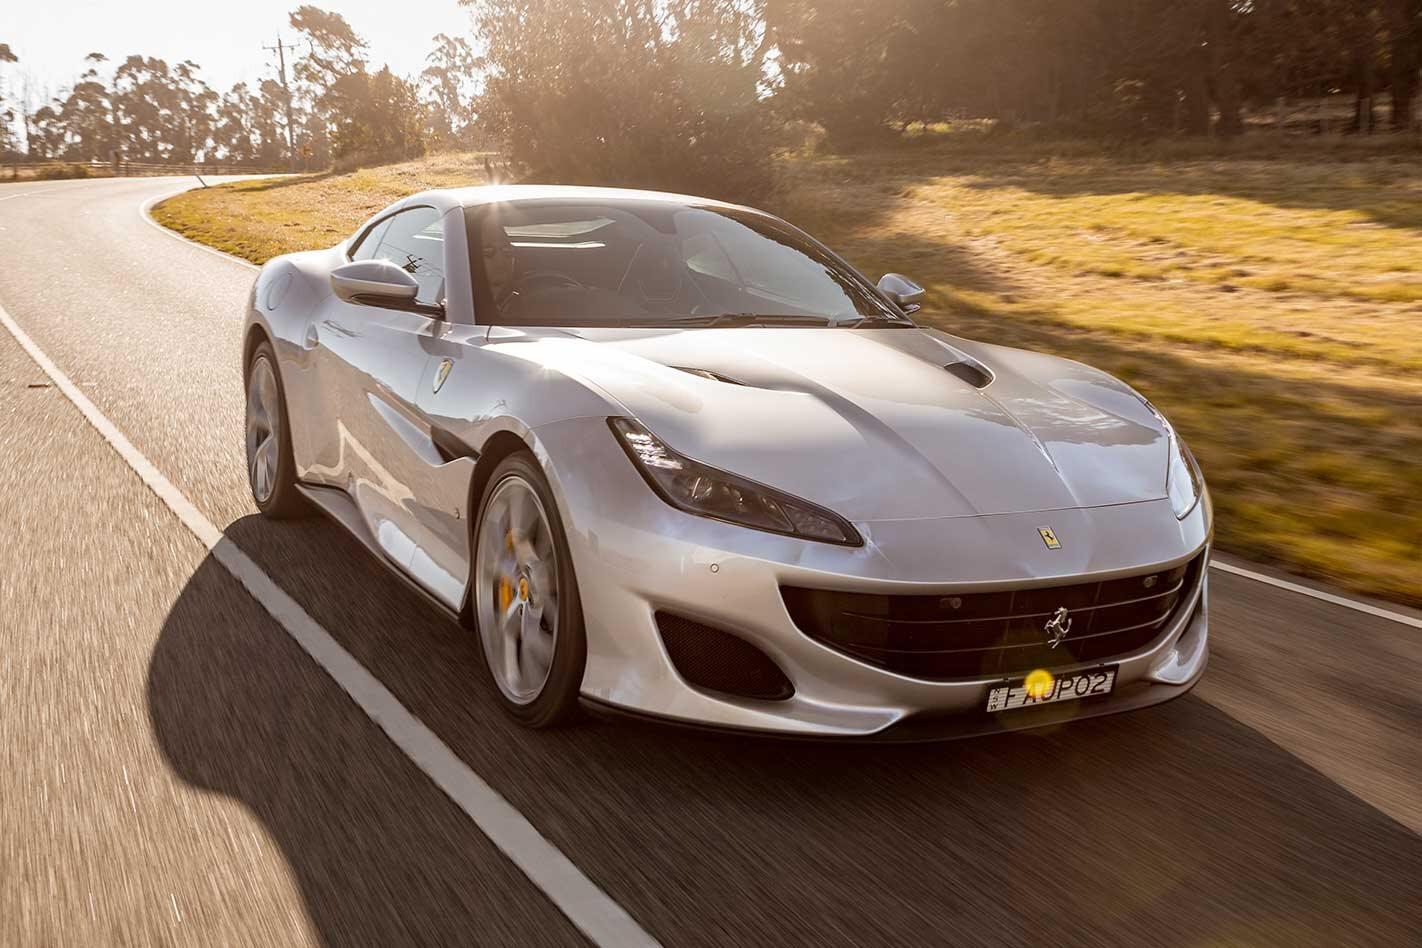 2019 Ferrari Portofino performance review